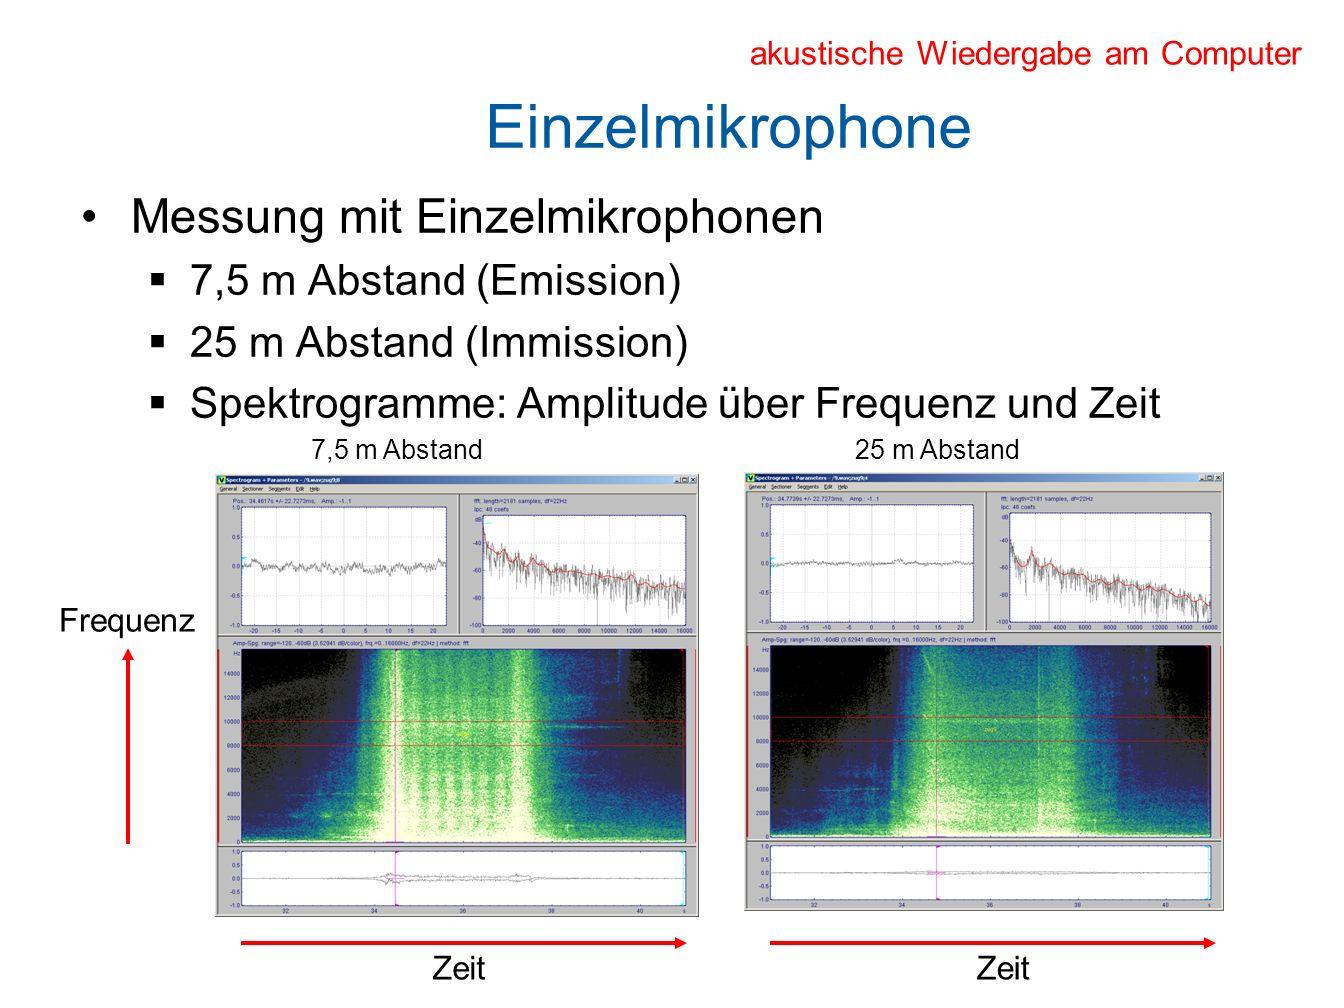 Einzelmikrophone Messung mit Einzelmikrophonen 7,5 m Abstand (Emission) 25 m Abstand (Immission) Spektrogramme: Amplitude über Frequenz und Zeit 7,5 m Abstand25 m Abstand Frequenz Zeit akustische Wiedergabe am Computer